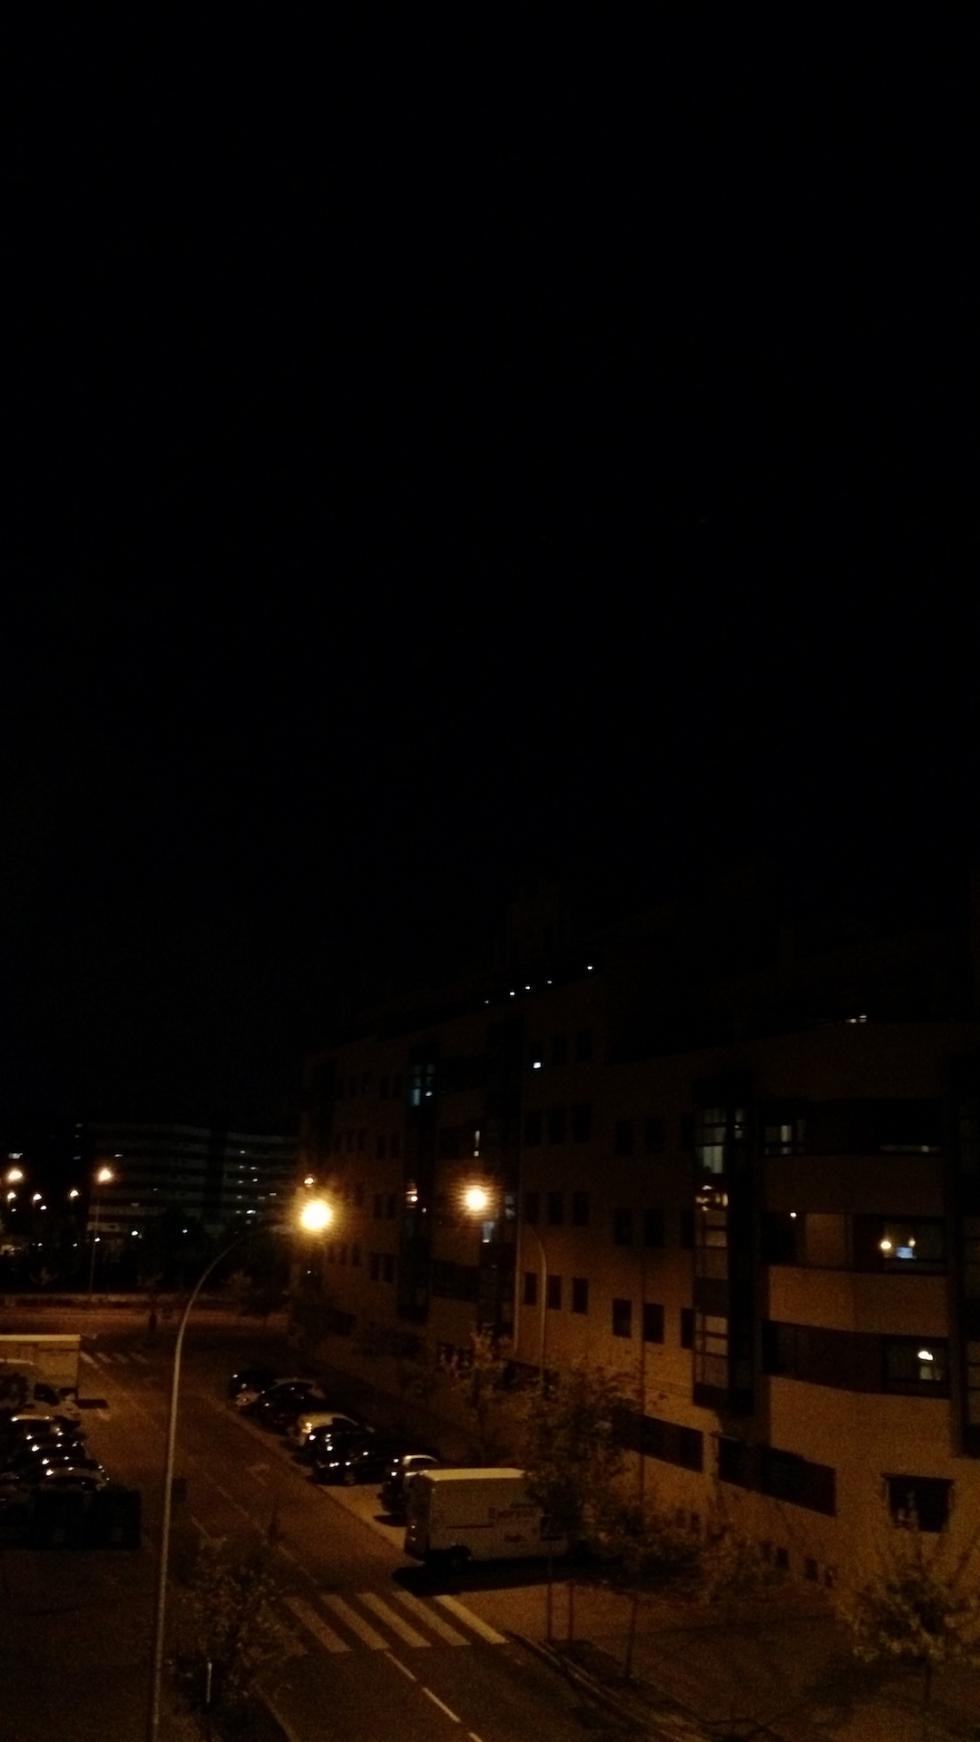 Fotografía nocturna vertical